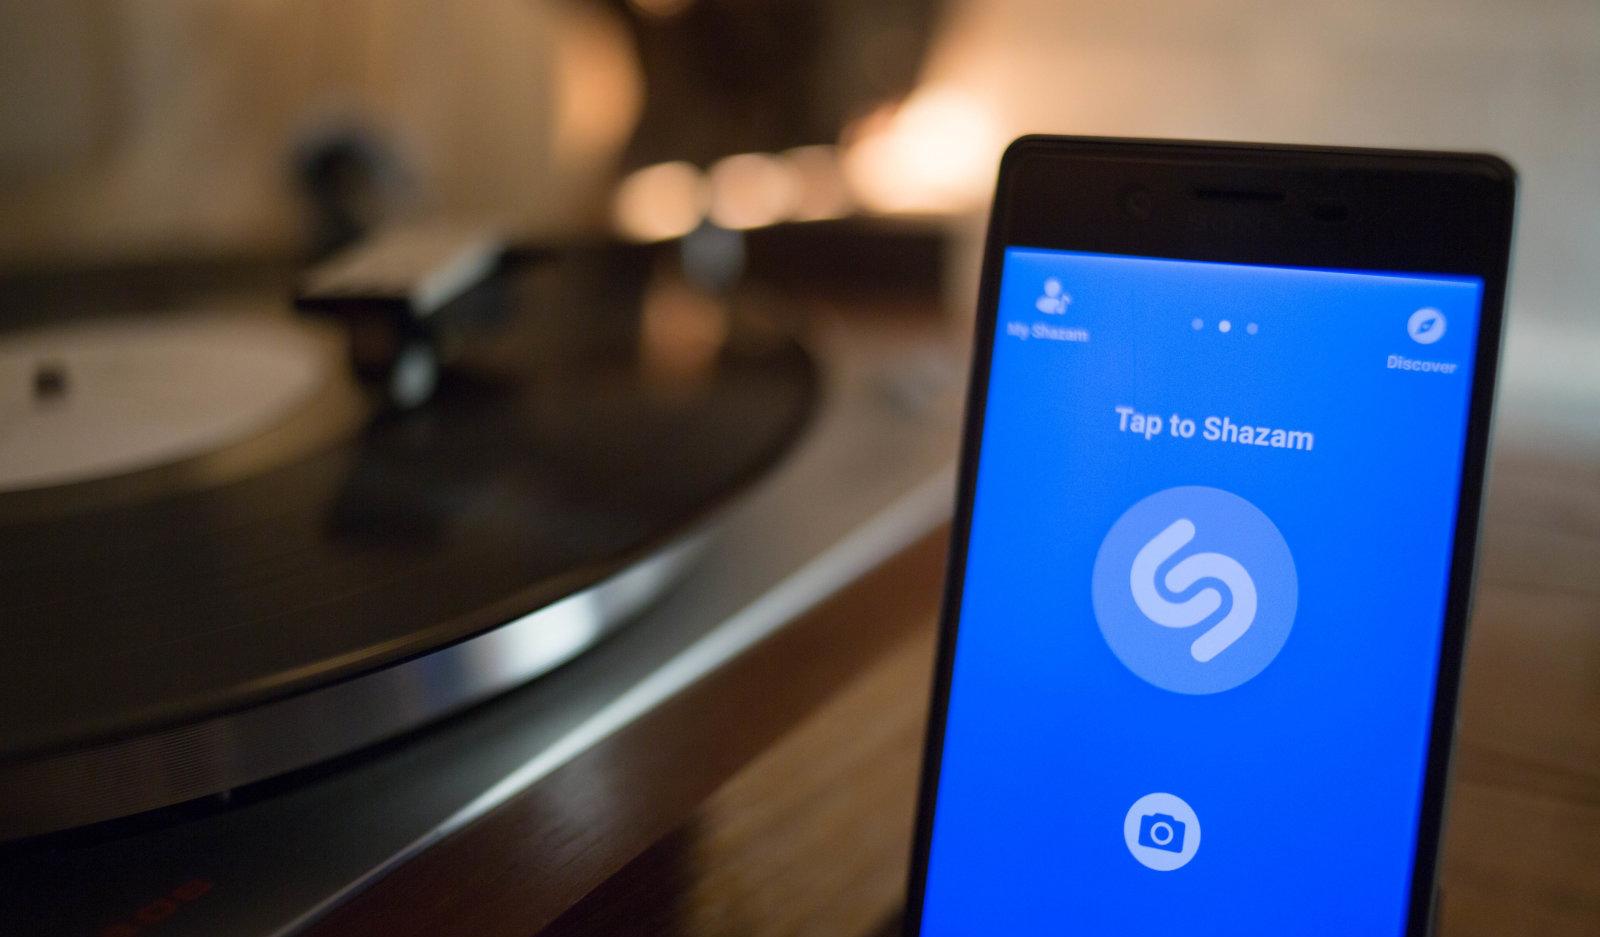 Shazam научился распознавать музыку, которая звучит в других приложениях